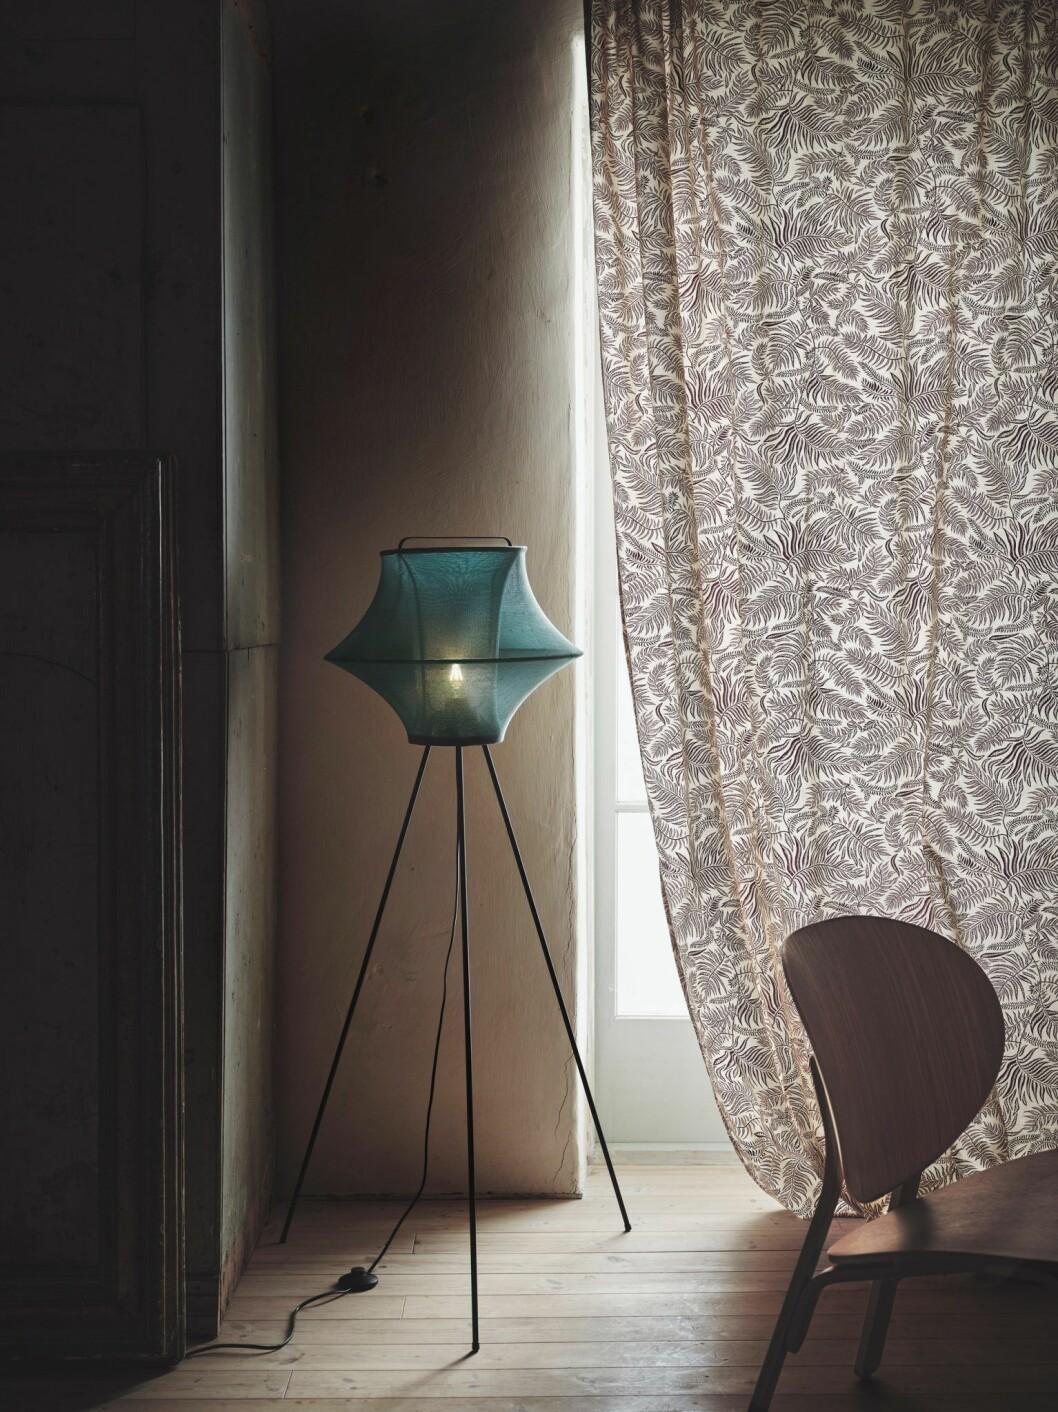 Lampa från Ikea hösten 2020